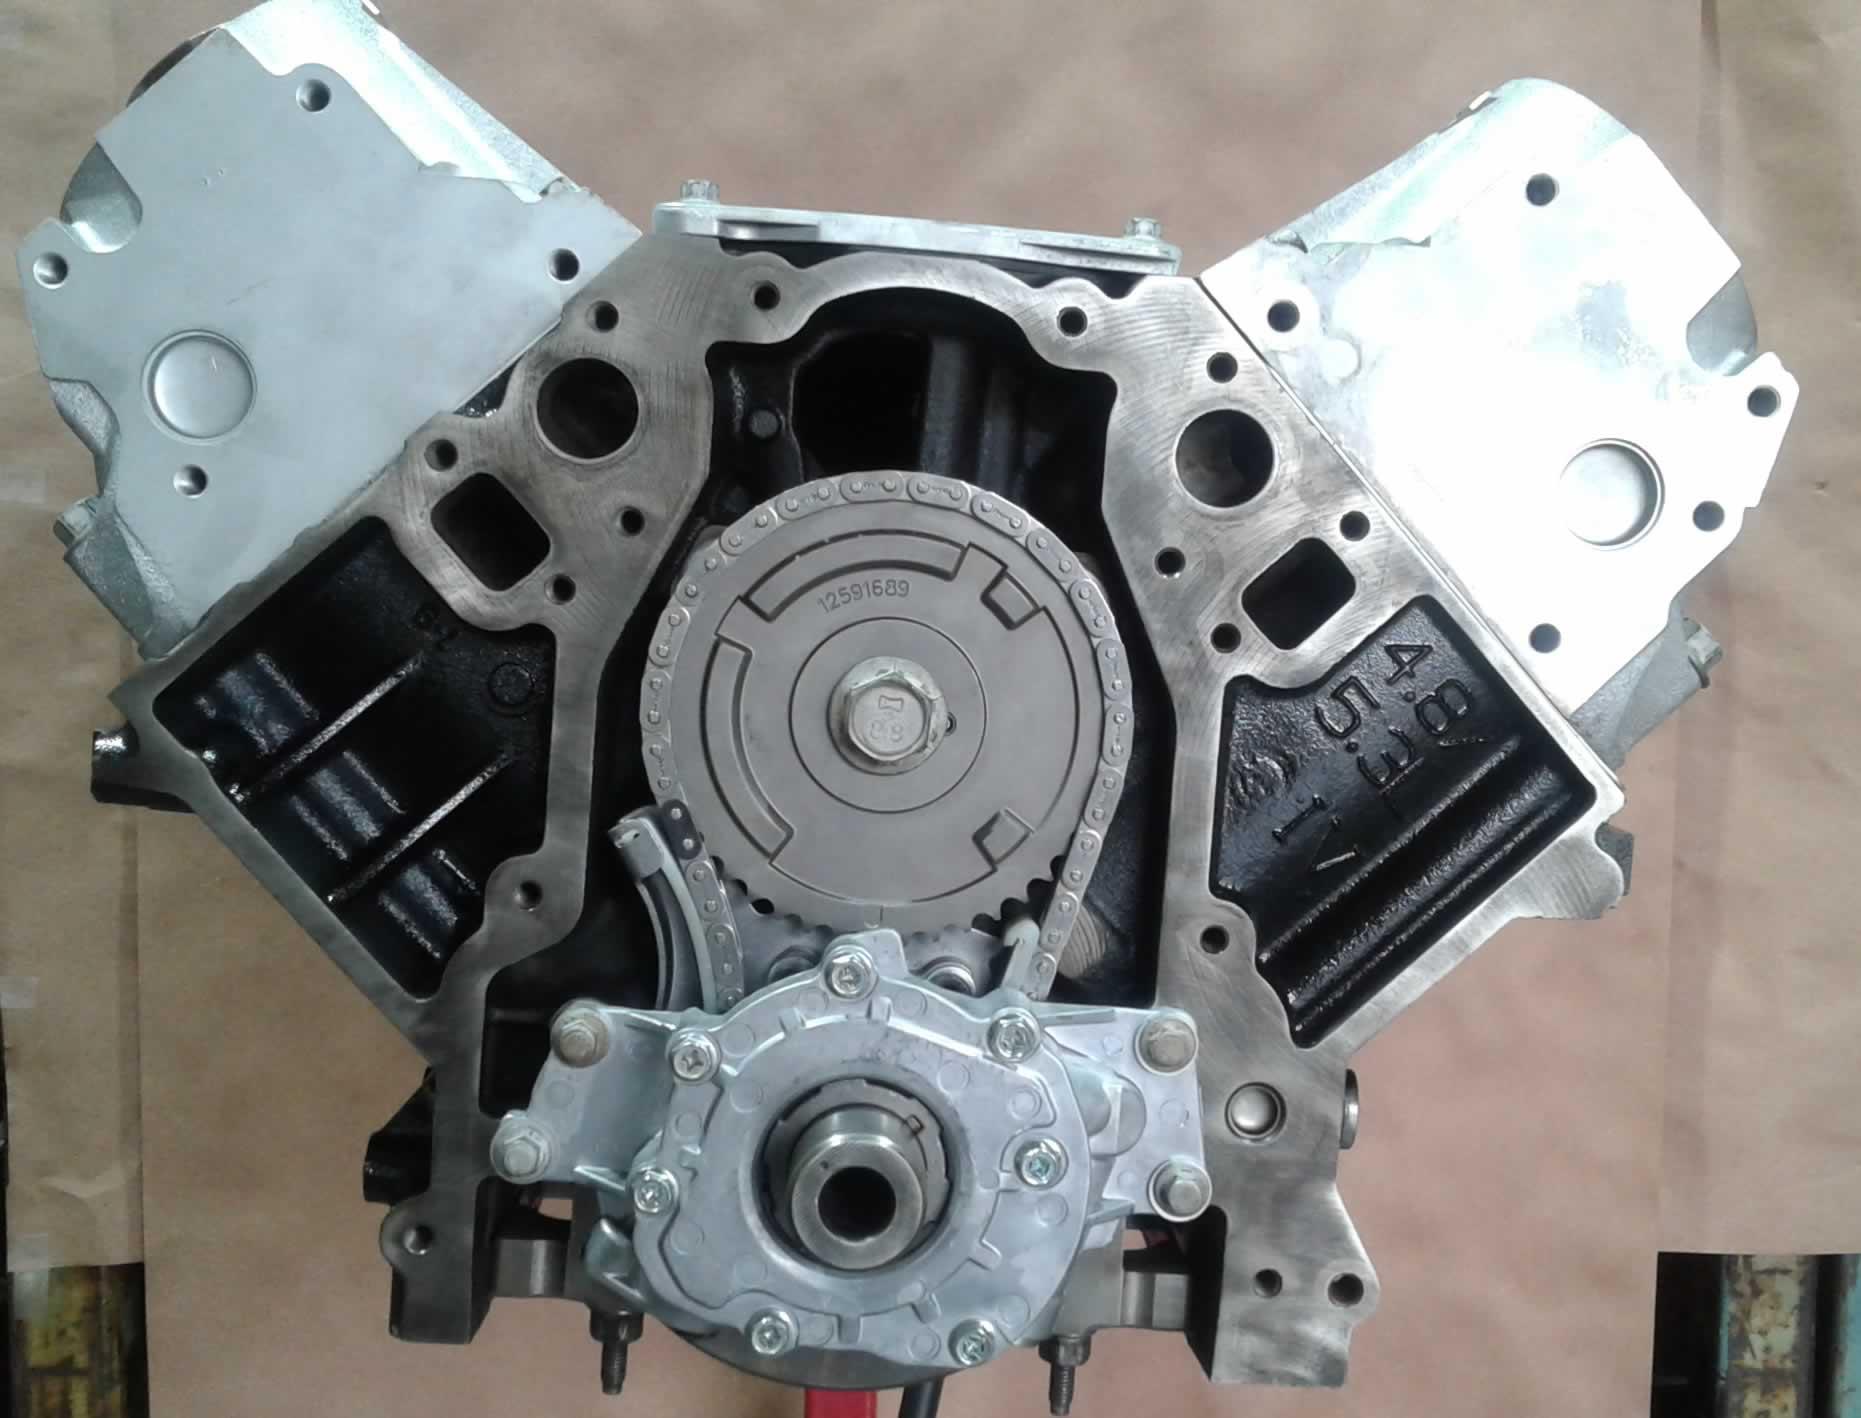 2001 Chevy S10 Parts Diagram Auto Parts Diagrams